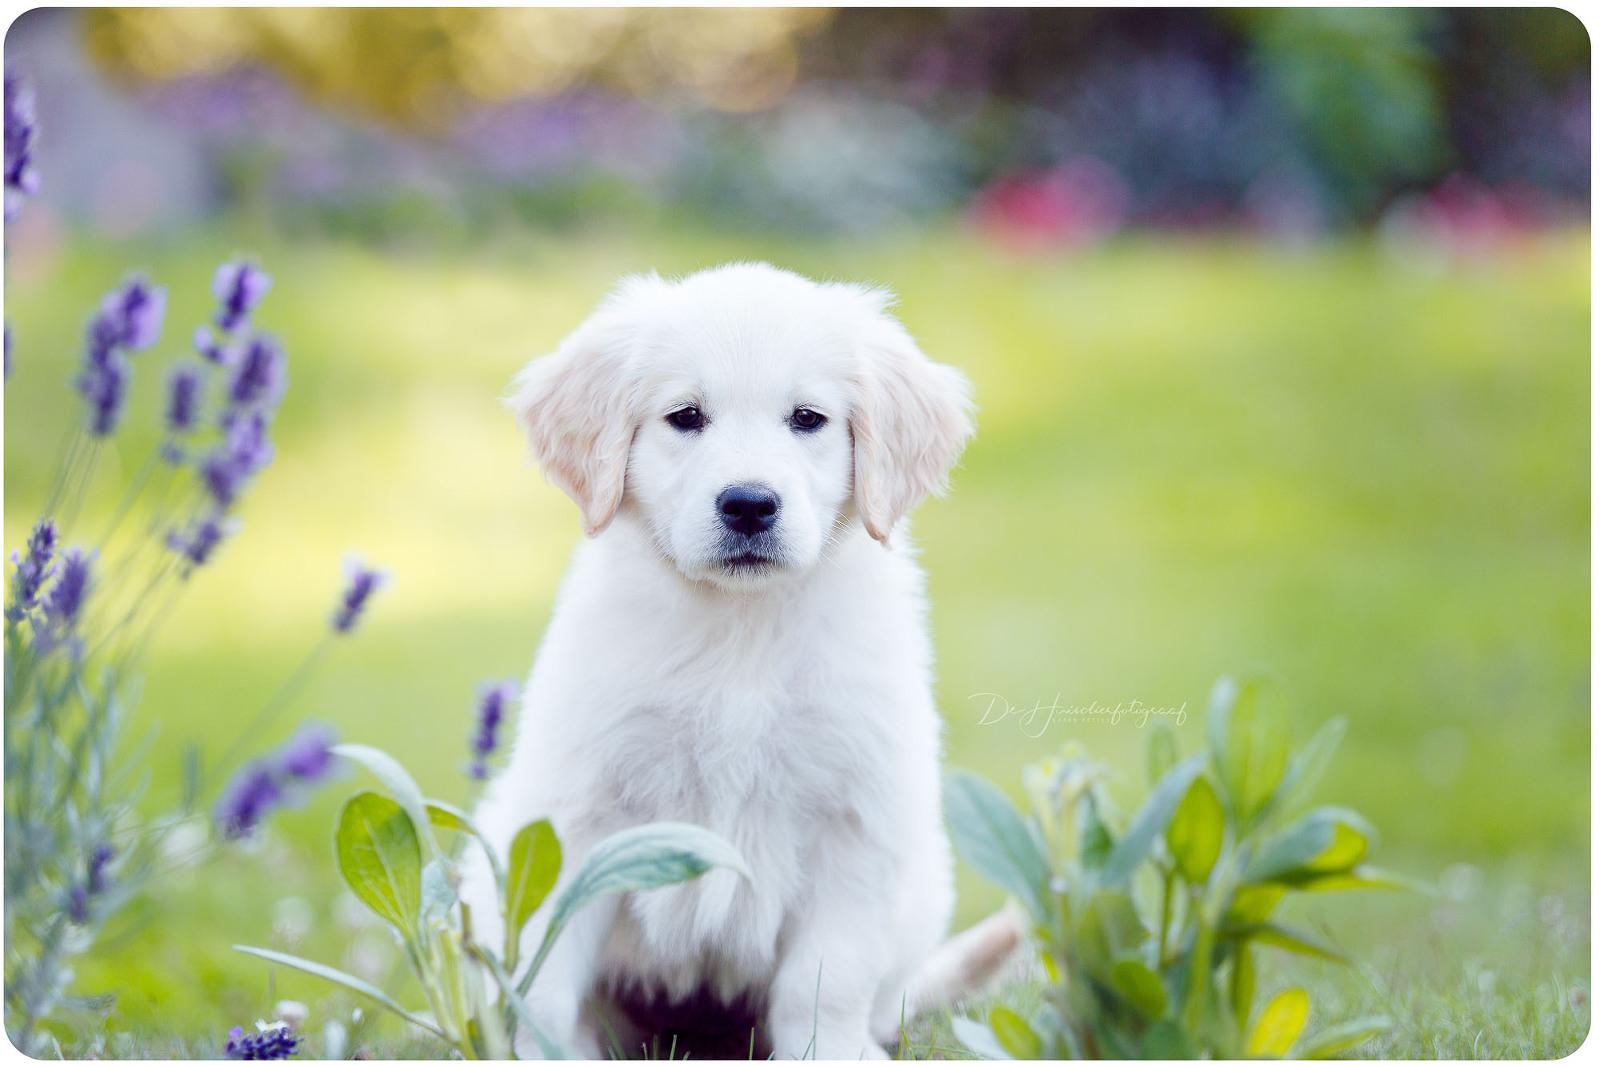 Puppyportret golden retriever tussen de lavendelbloemetjes De Huisdierfotograaf